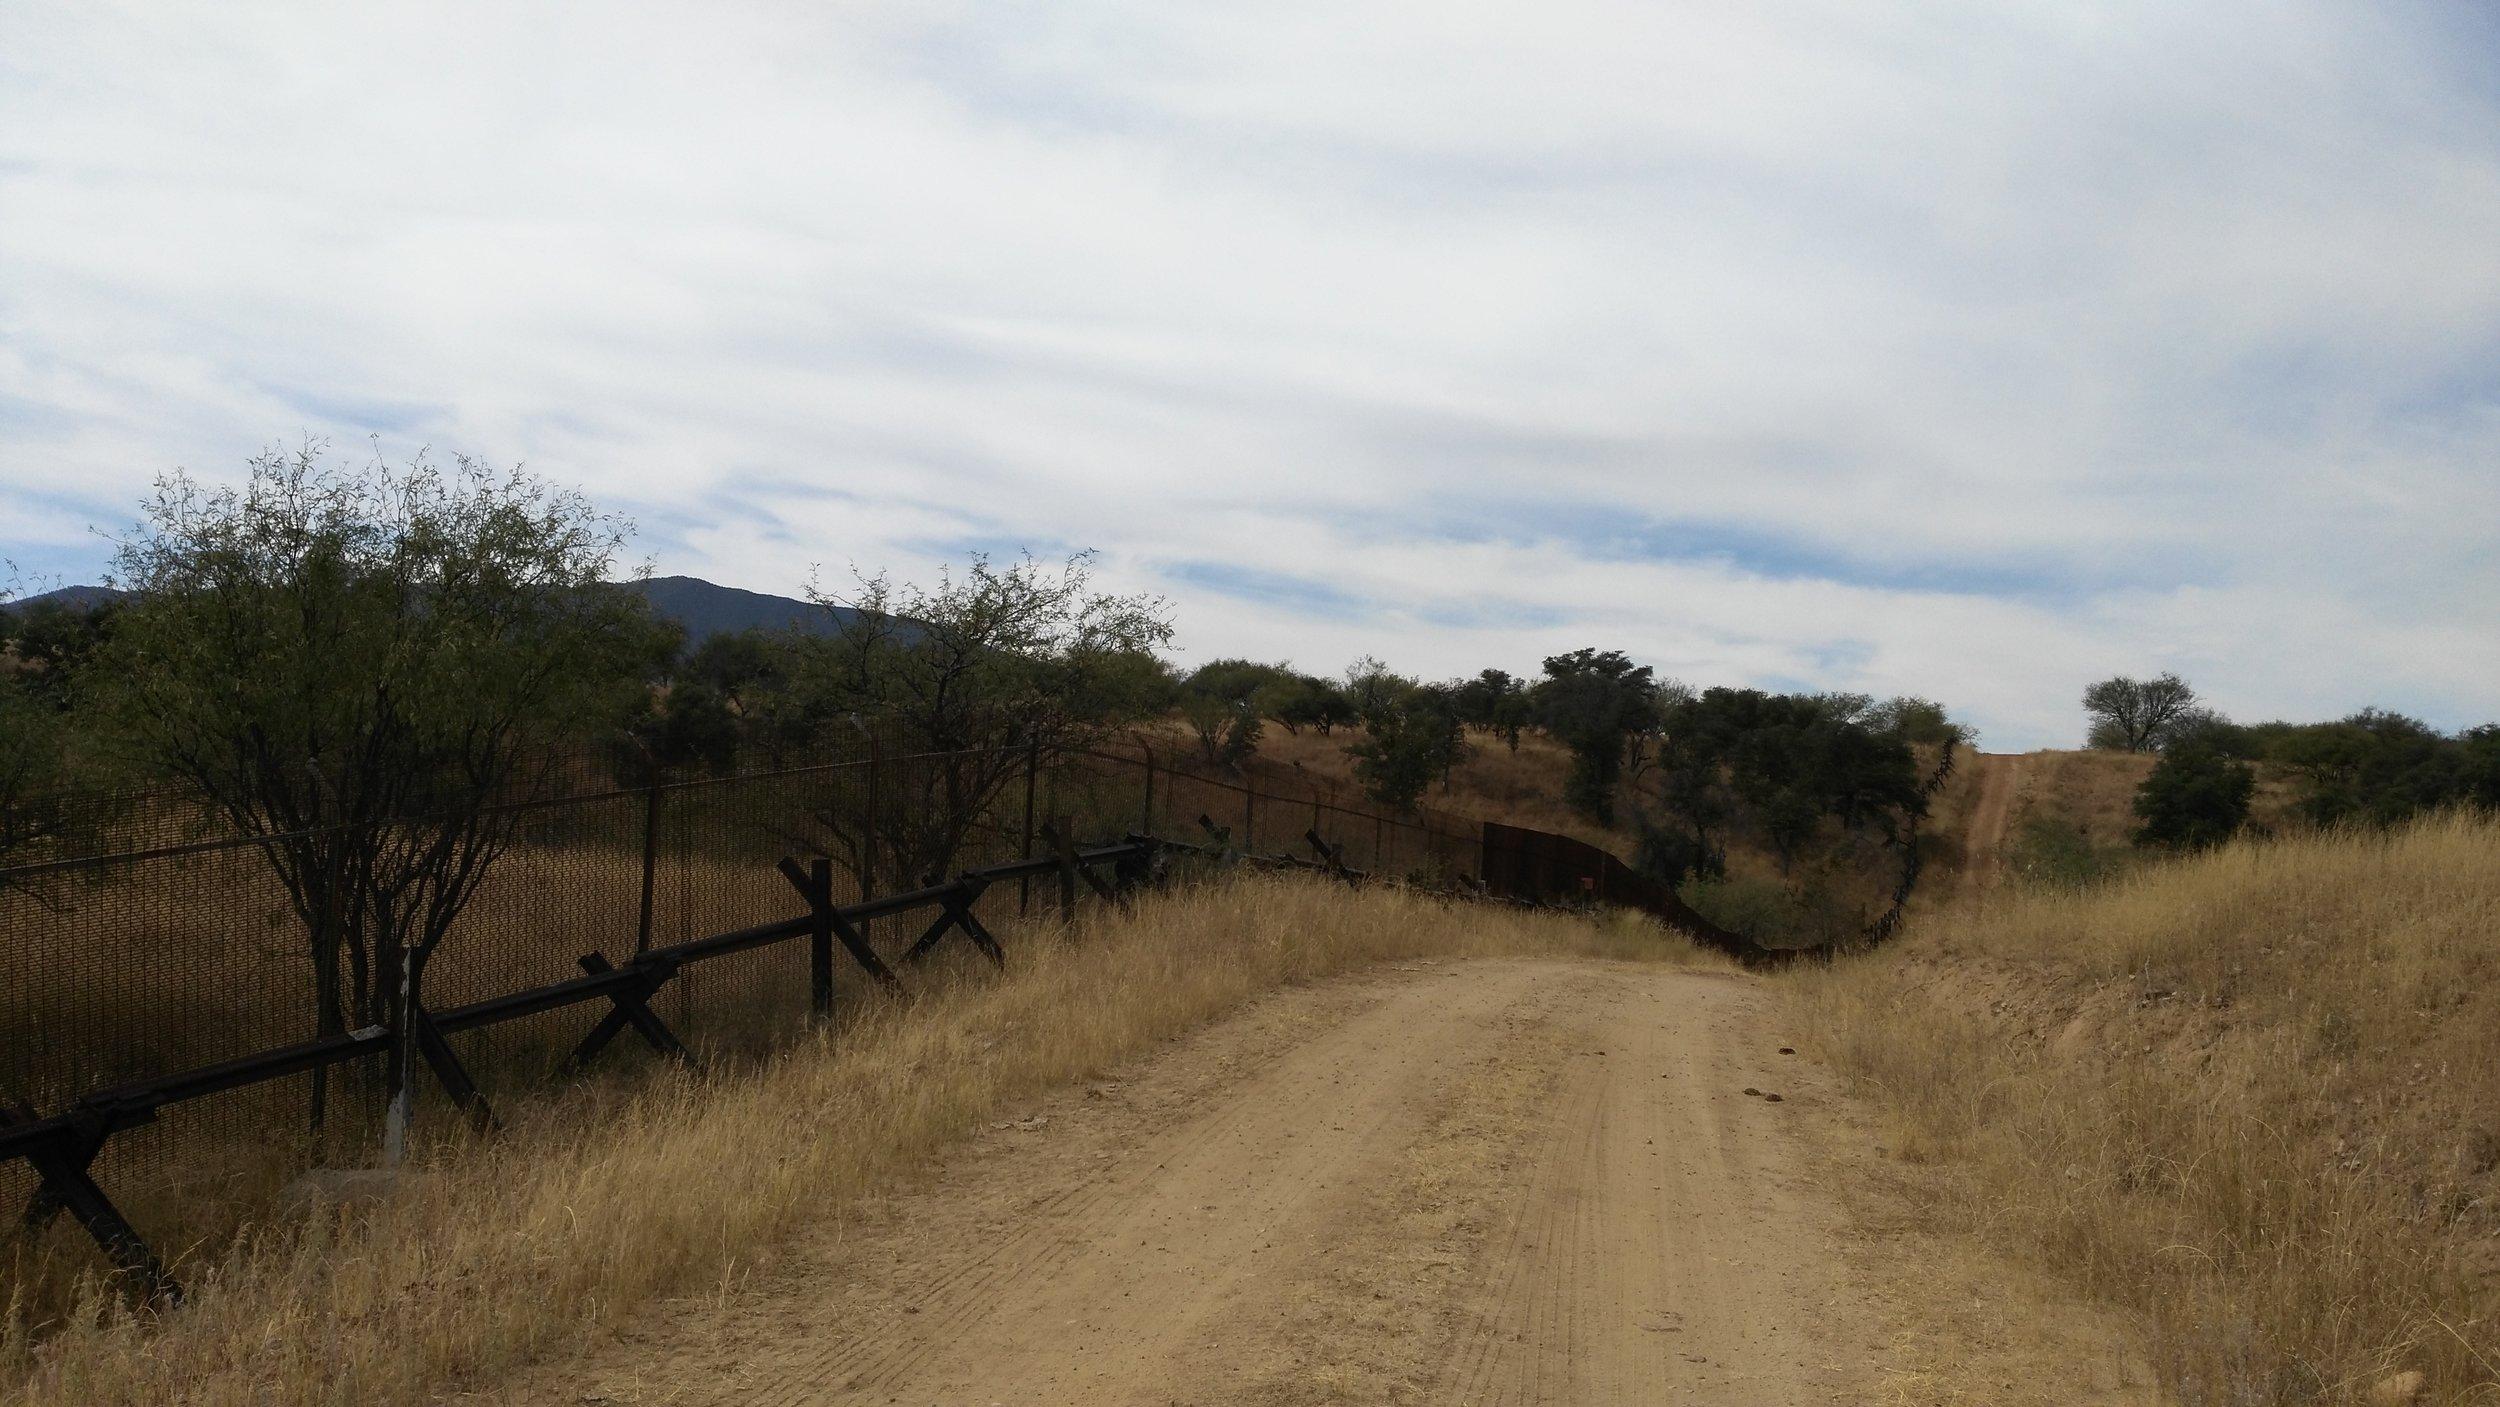 Patagonia Sm border fence.jpg